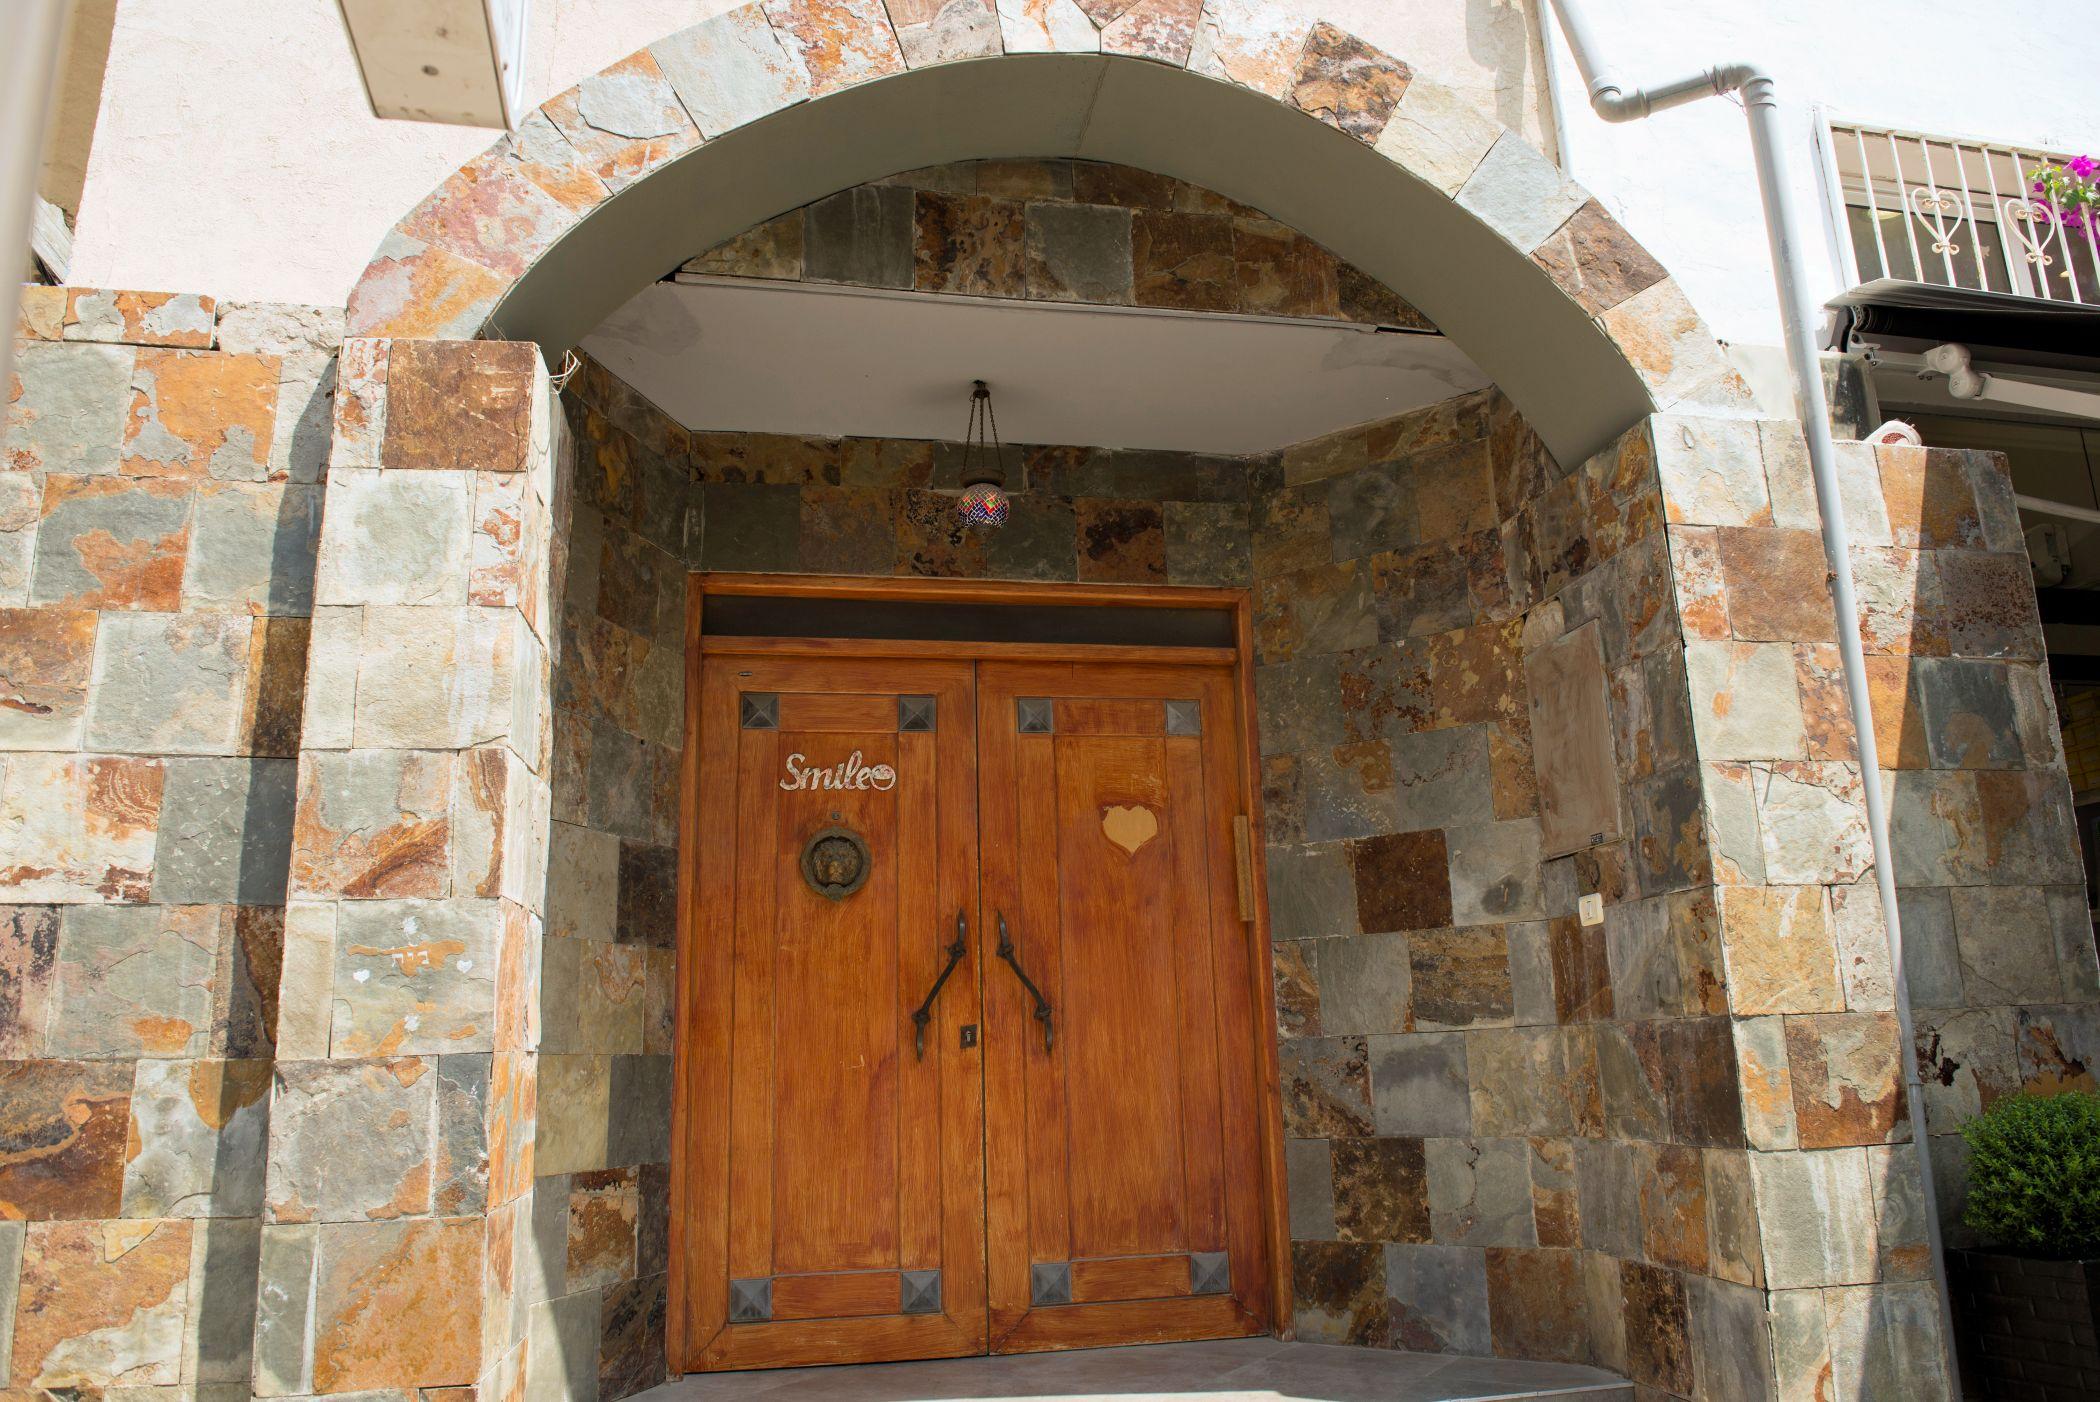 Superbe ... Urban   Doors, Alleys And Windows: Wood And Marble Doorway, Neve  Tzedek, ...